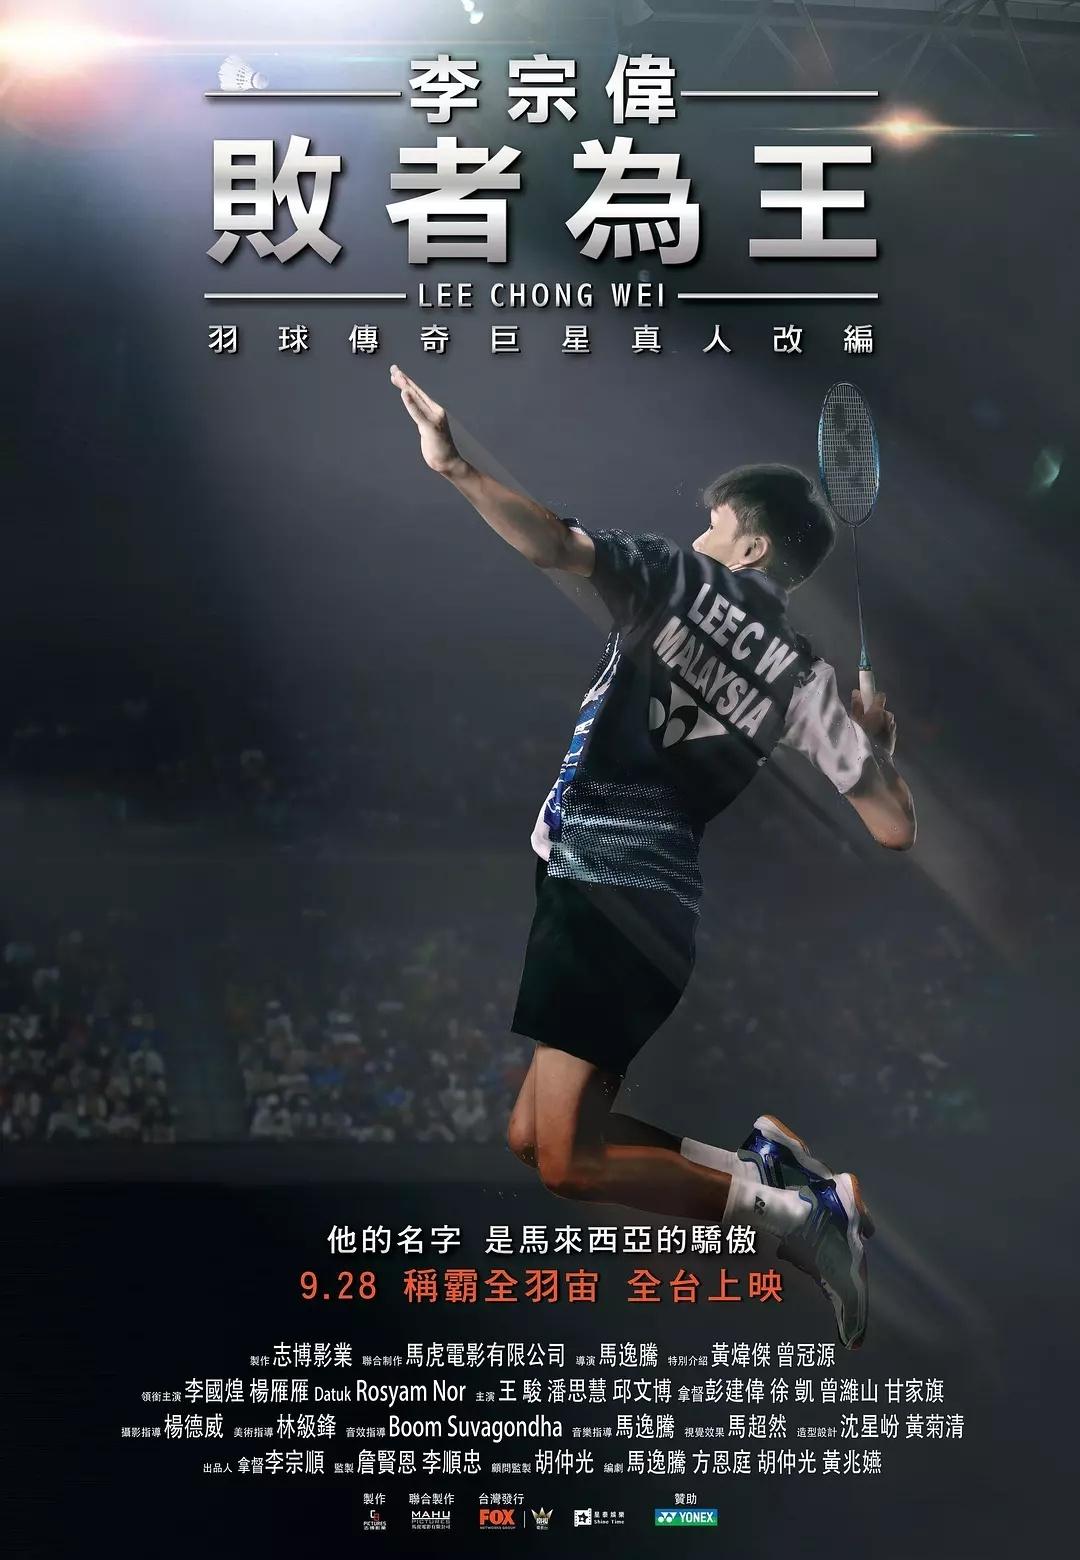 李宗伟:败者为王 [每次看到这种题材,就在想体育是一个很广的可以拍出个人或团体励志的题材,但是中国的体育电影在哪里,近期可能就《激战》、《破风》沾点边,好在陈可辛打算拍个《李娜》]